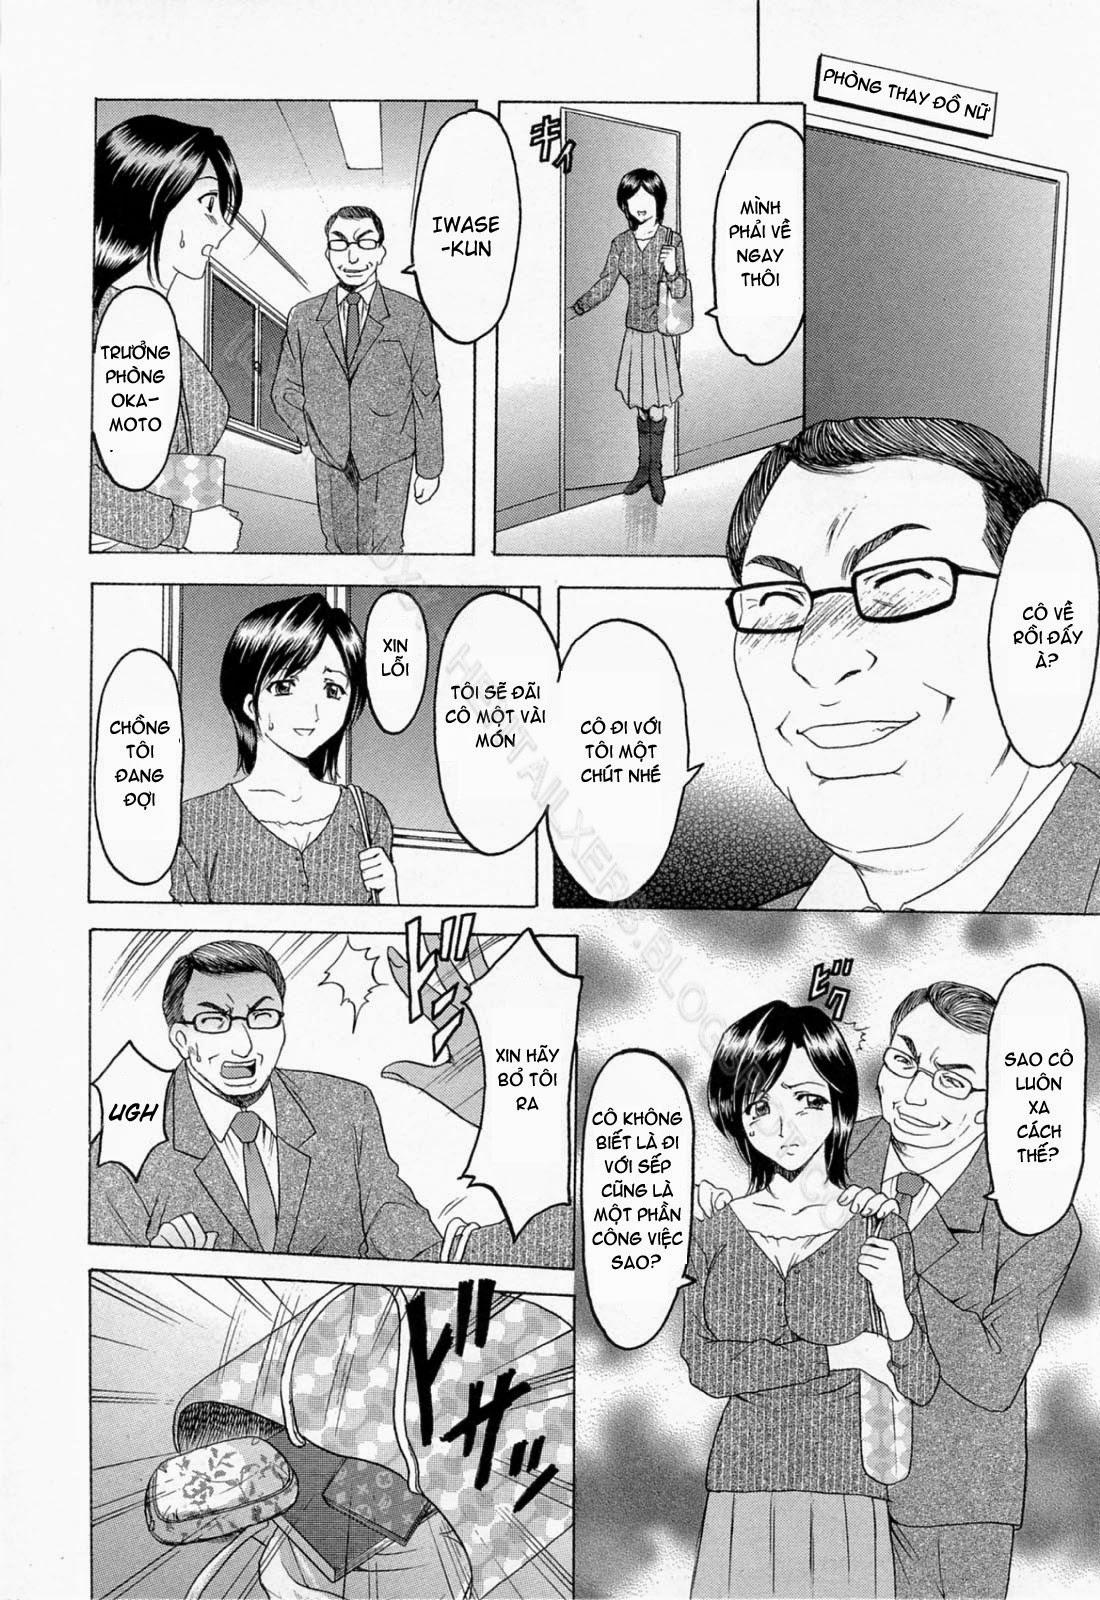 TruyenHay.Com - Ảnh 10 - Hataraku Onee-san wa Back ga Osuki Chapter 1-2